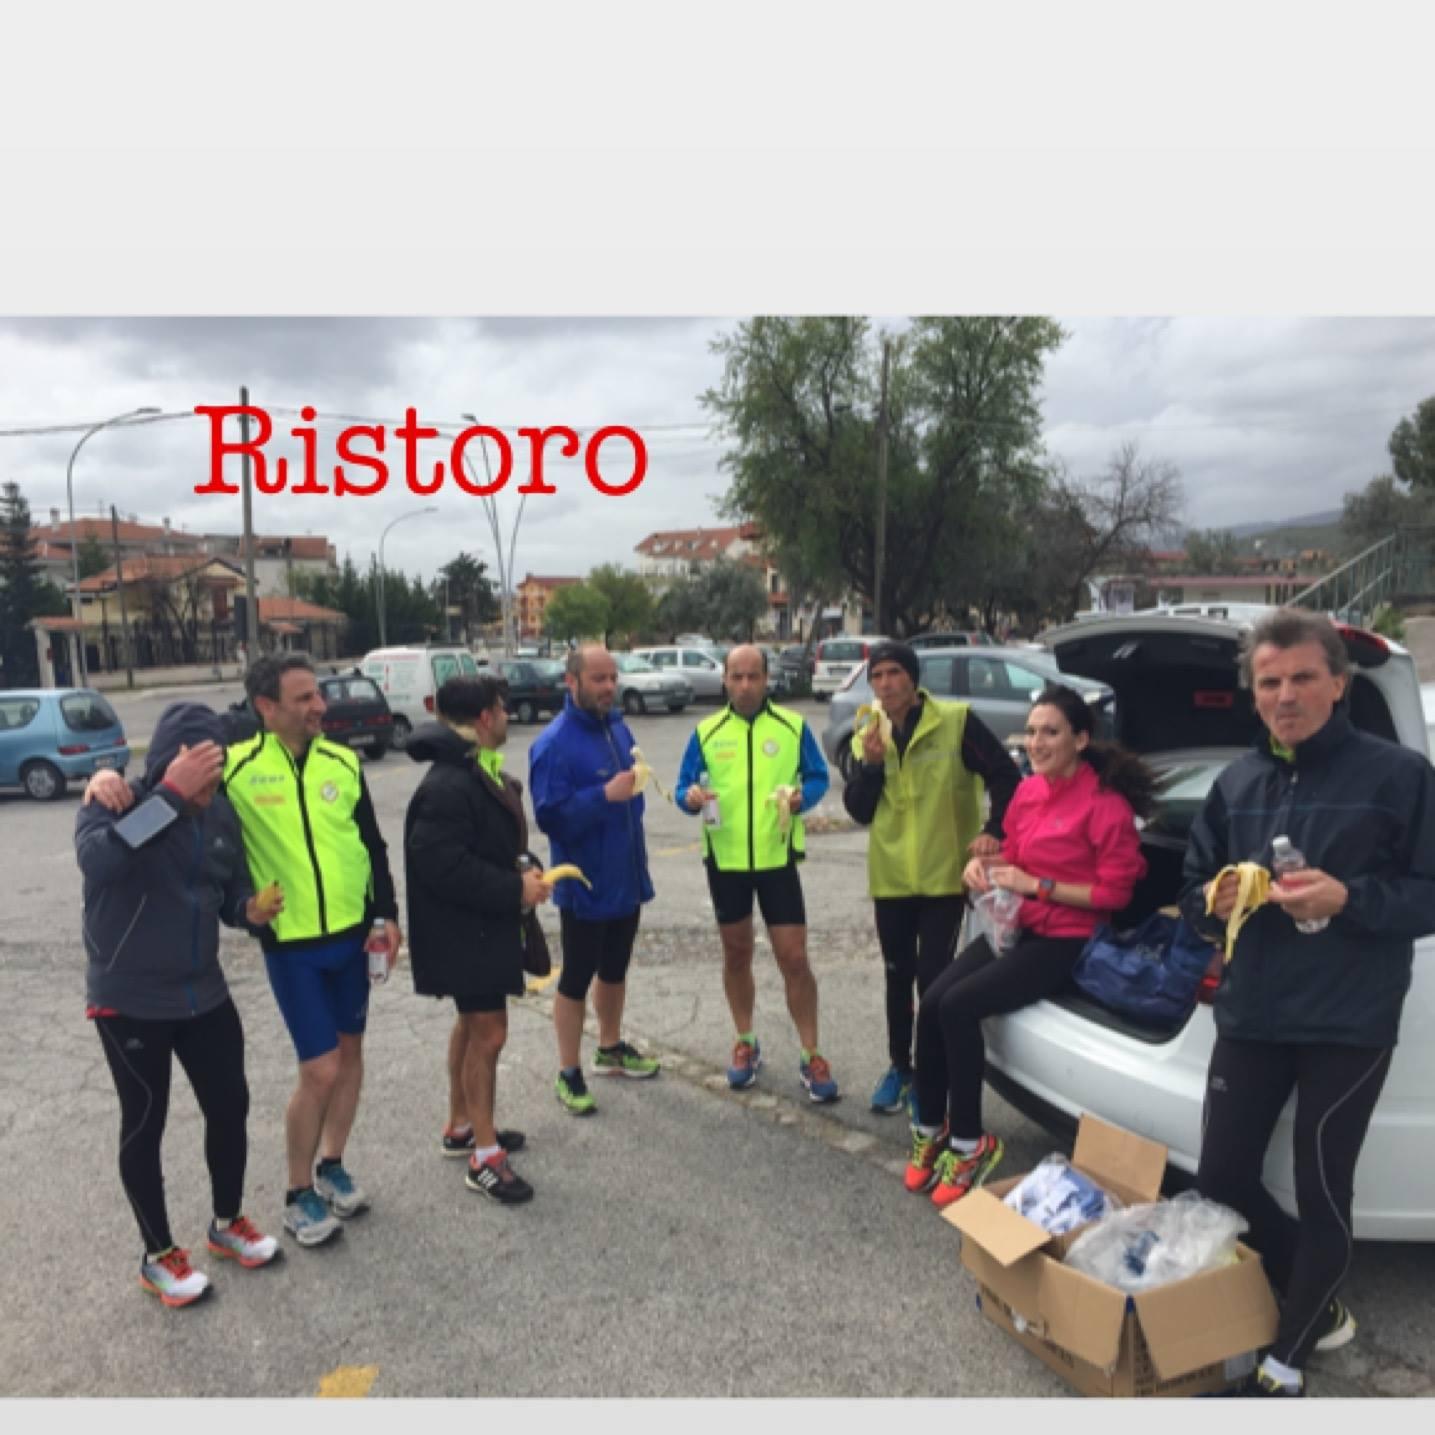 Ristoro - Polisportivo